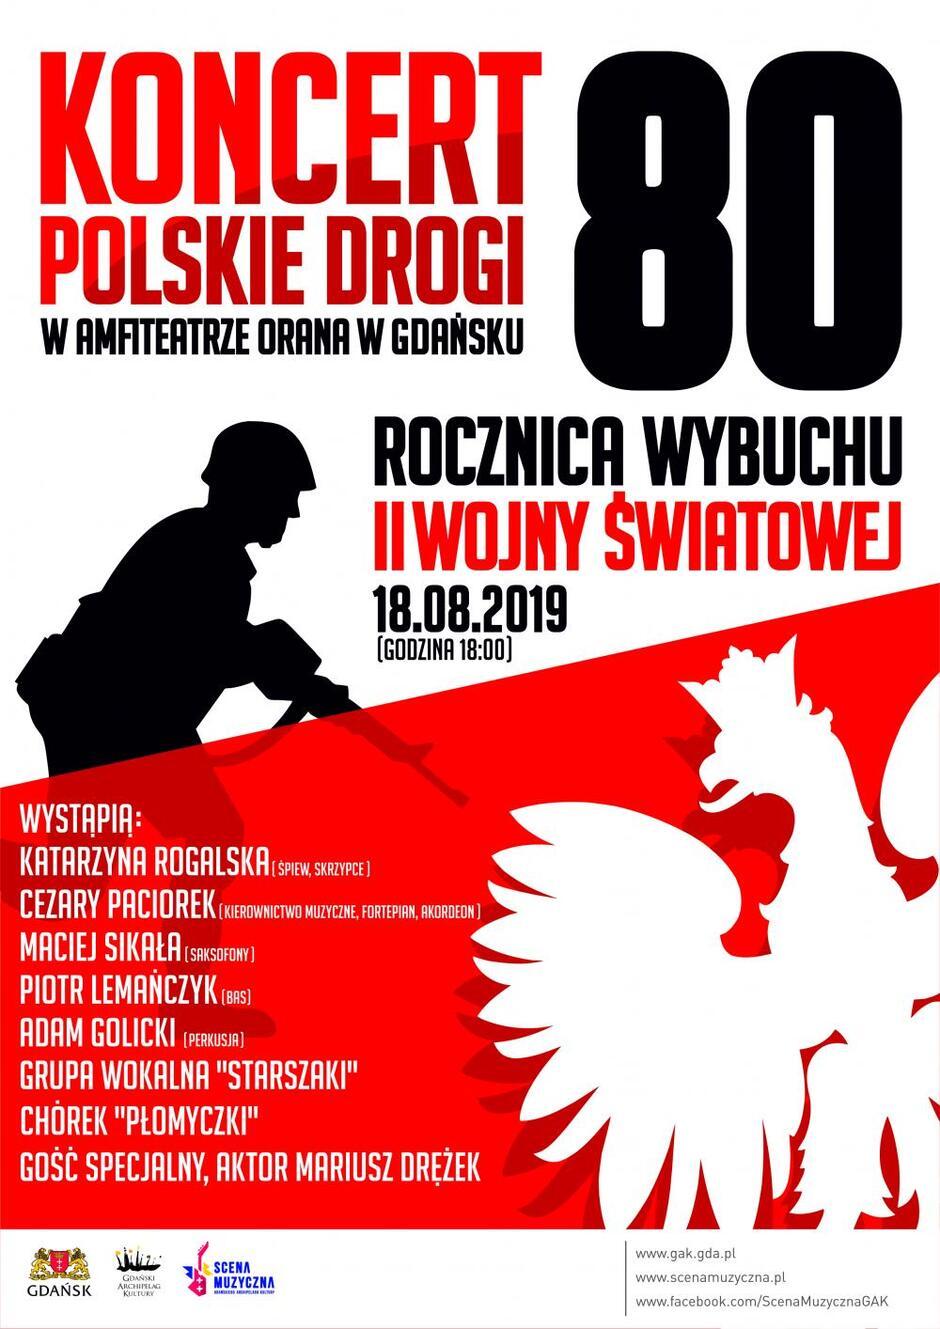 polskie drogi(1)